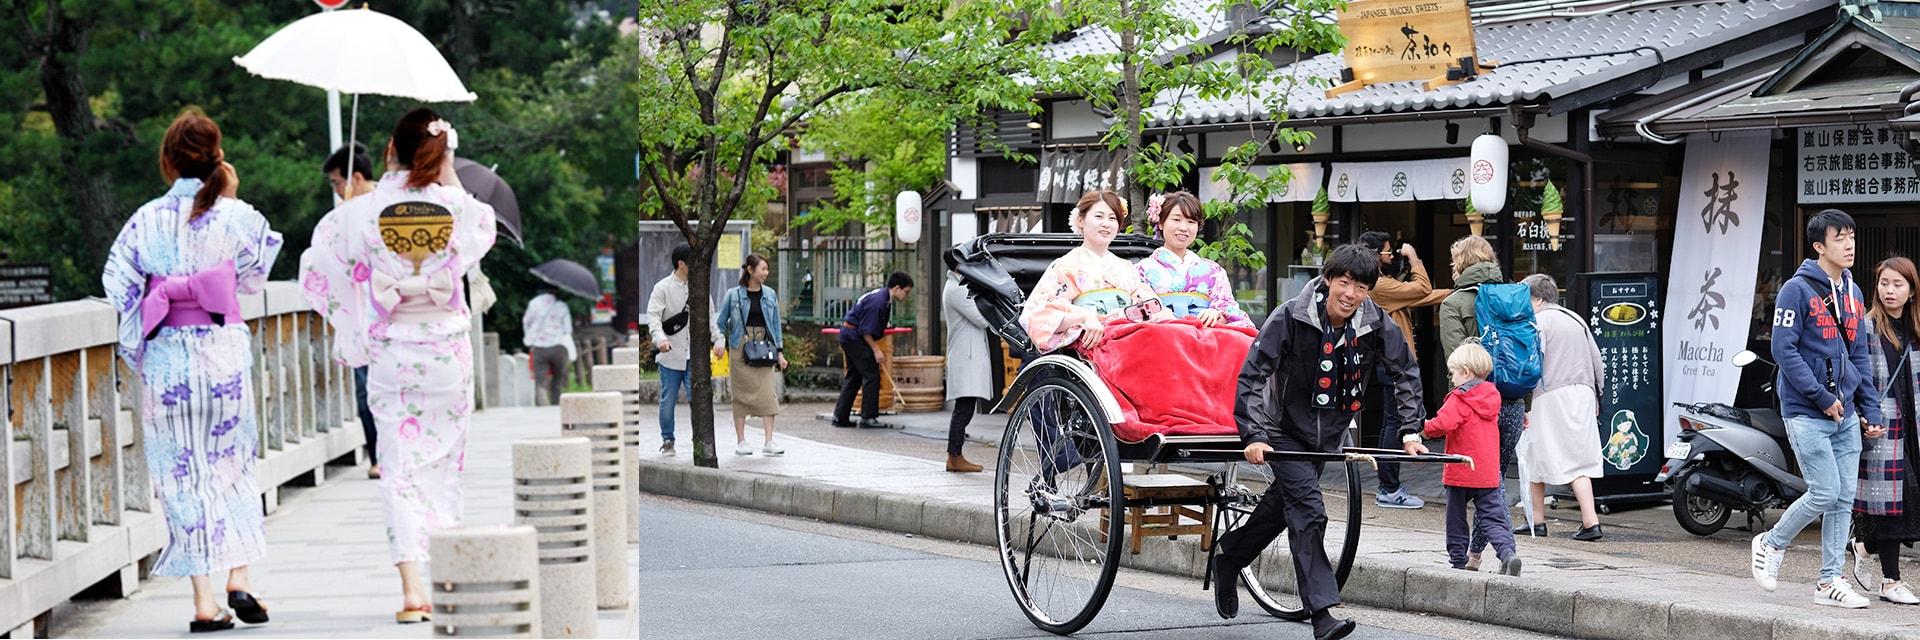 上順旅遊、日本旅遊、大阪、京都